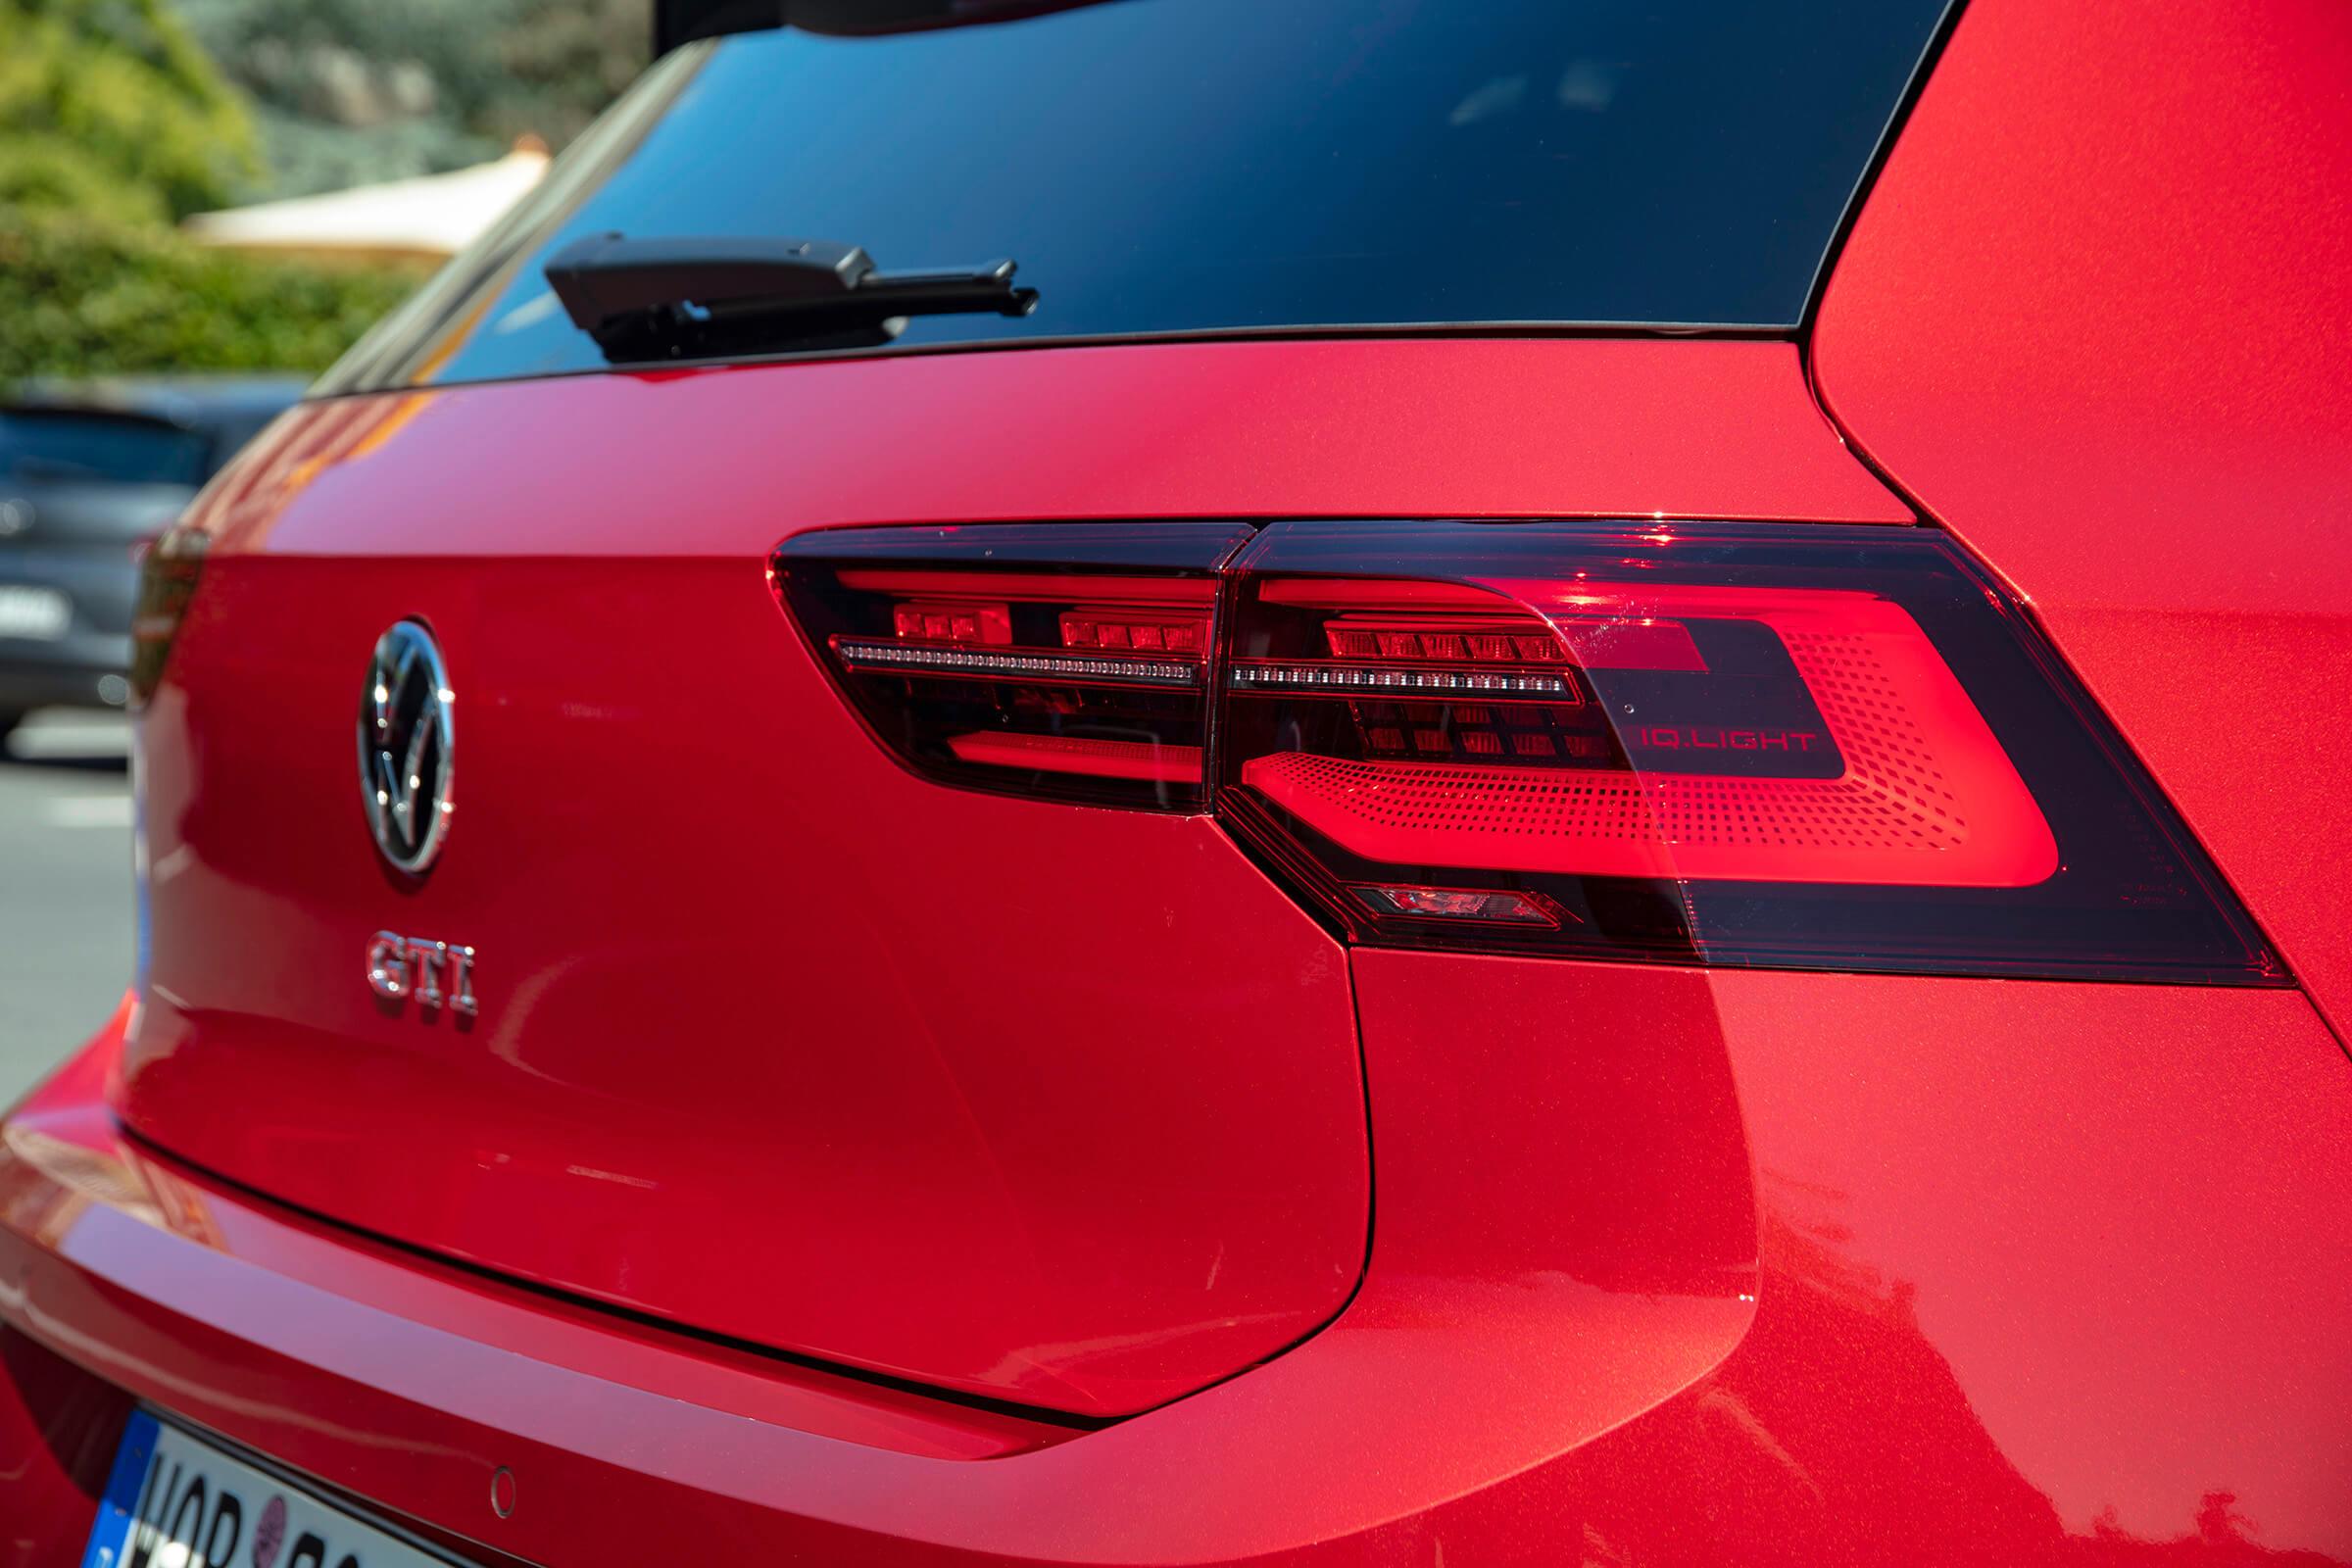 Νέο Volkswagen Golf GTI - Πίσω μέρος, λεπτομέρεια